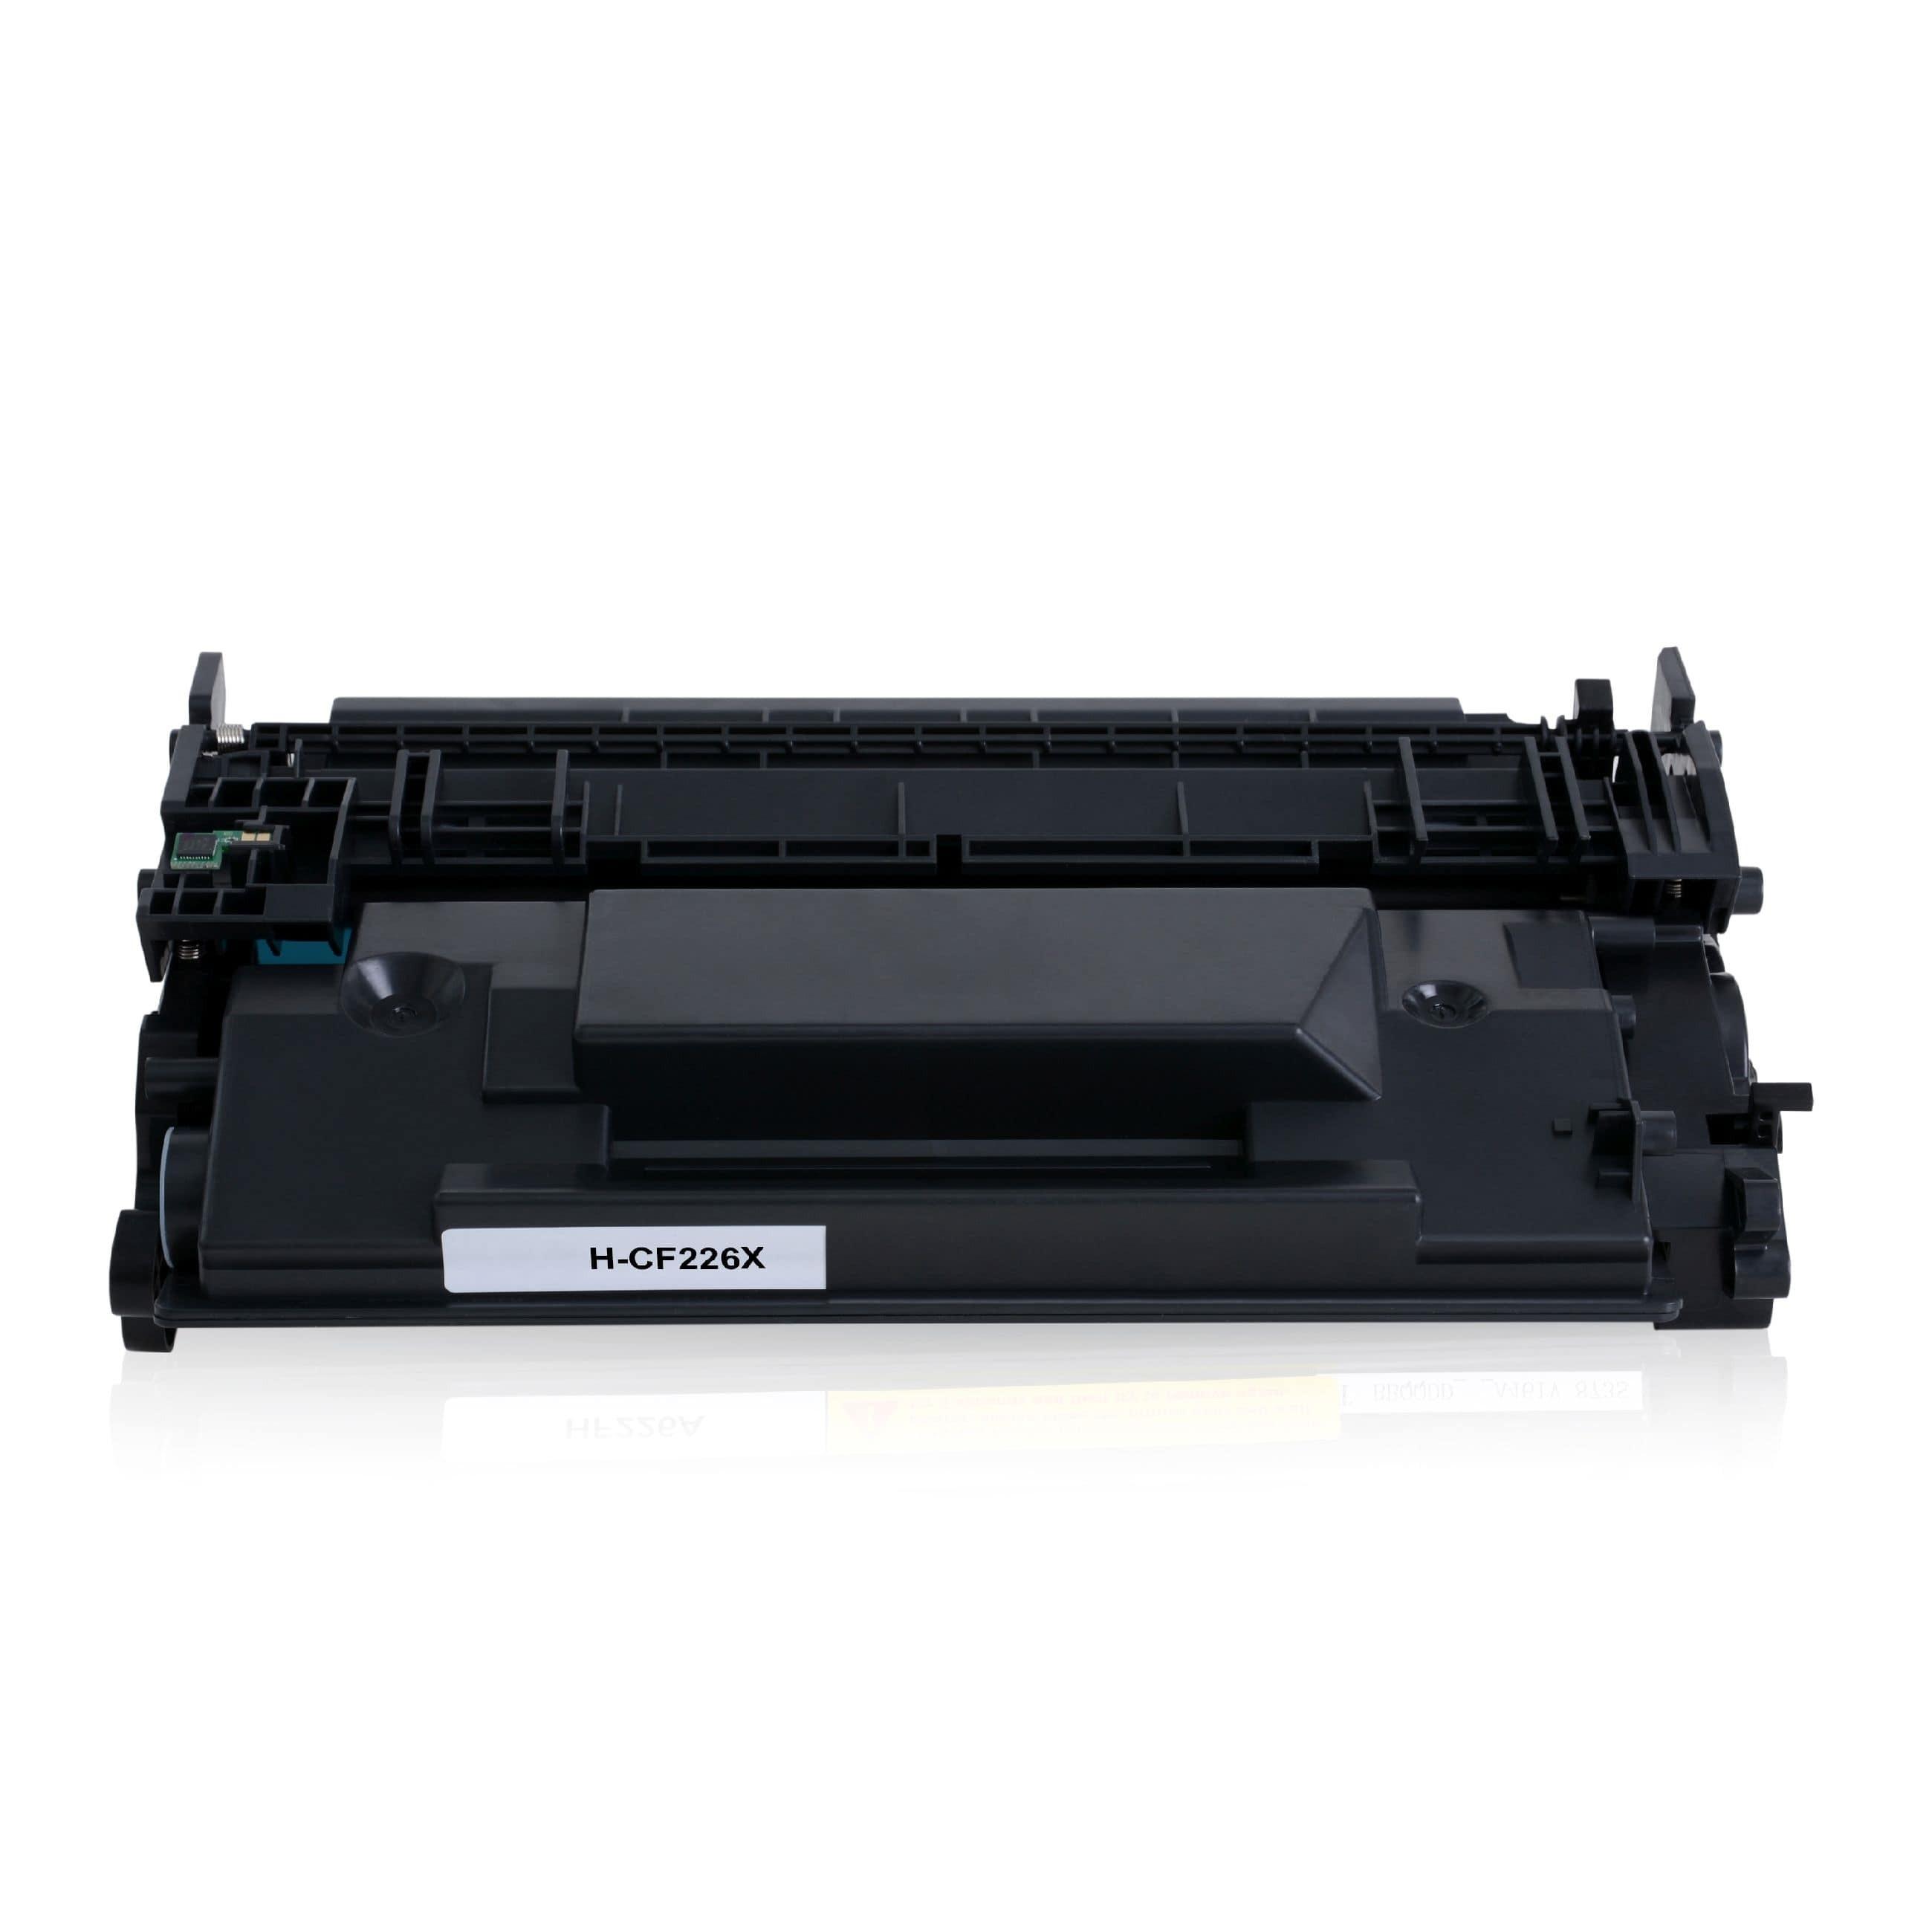 Bild fuer den Artikel TC-HPE226Xbk: Alternativ Toner HP 26A CF226X XL Version in schwarz